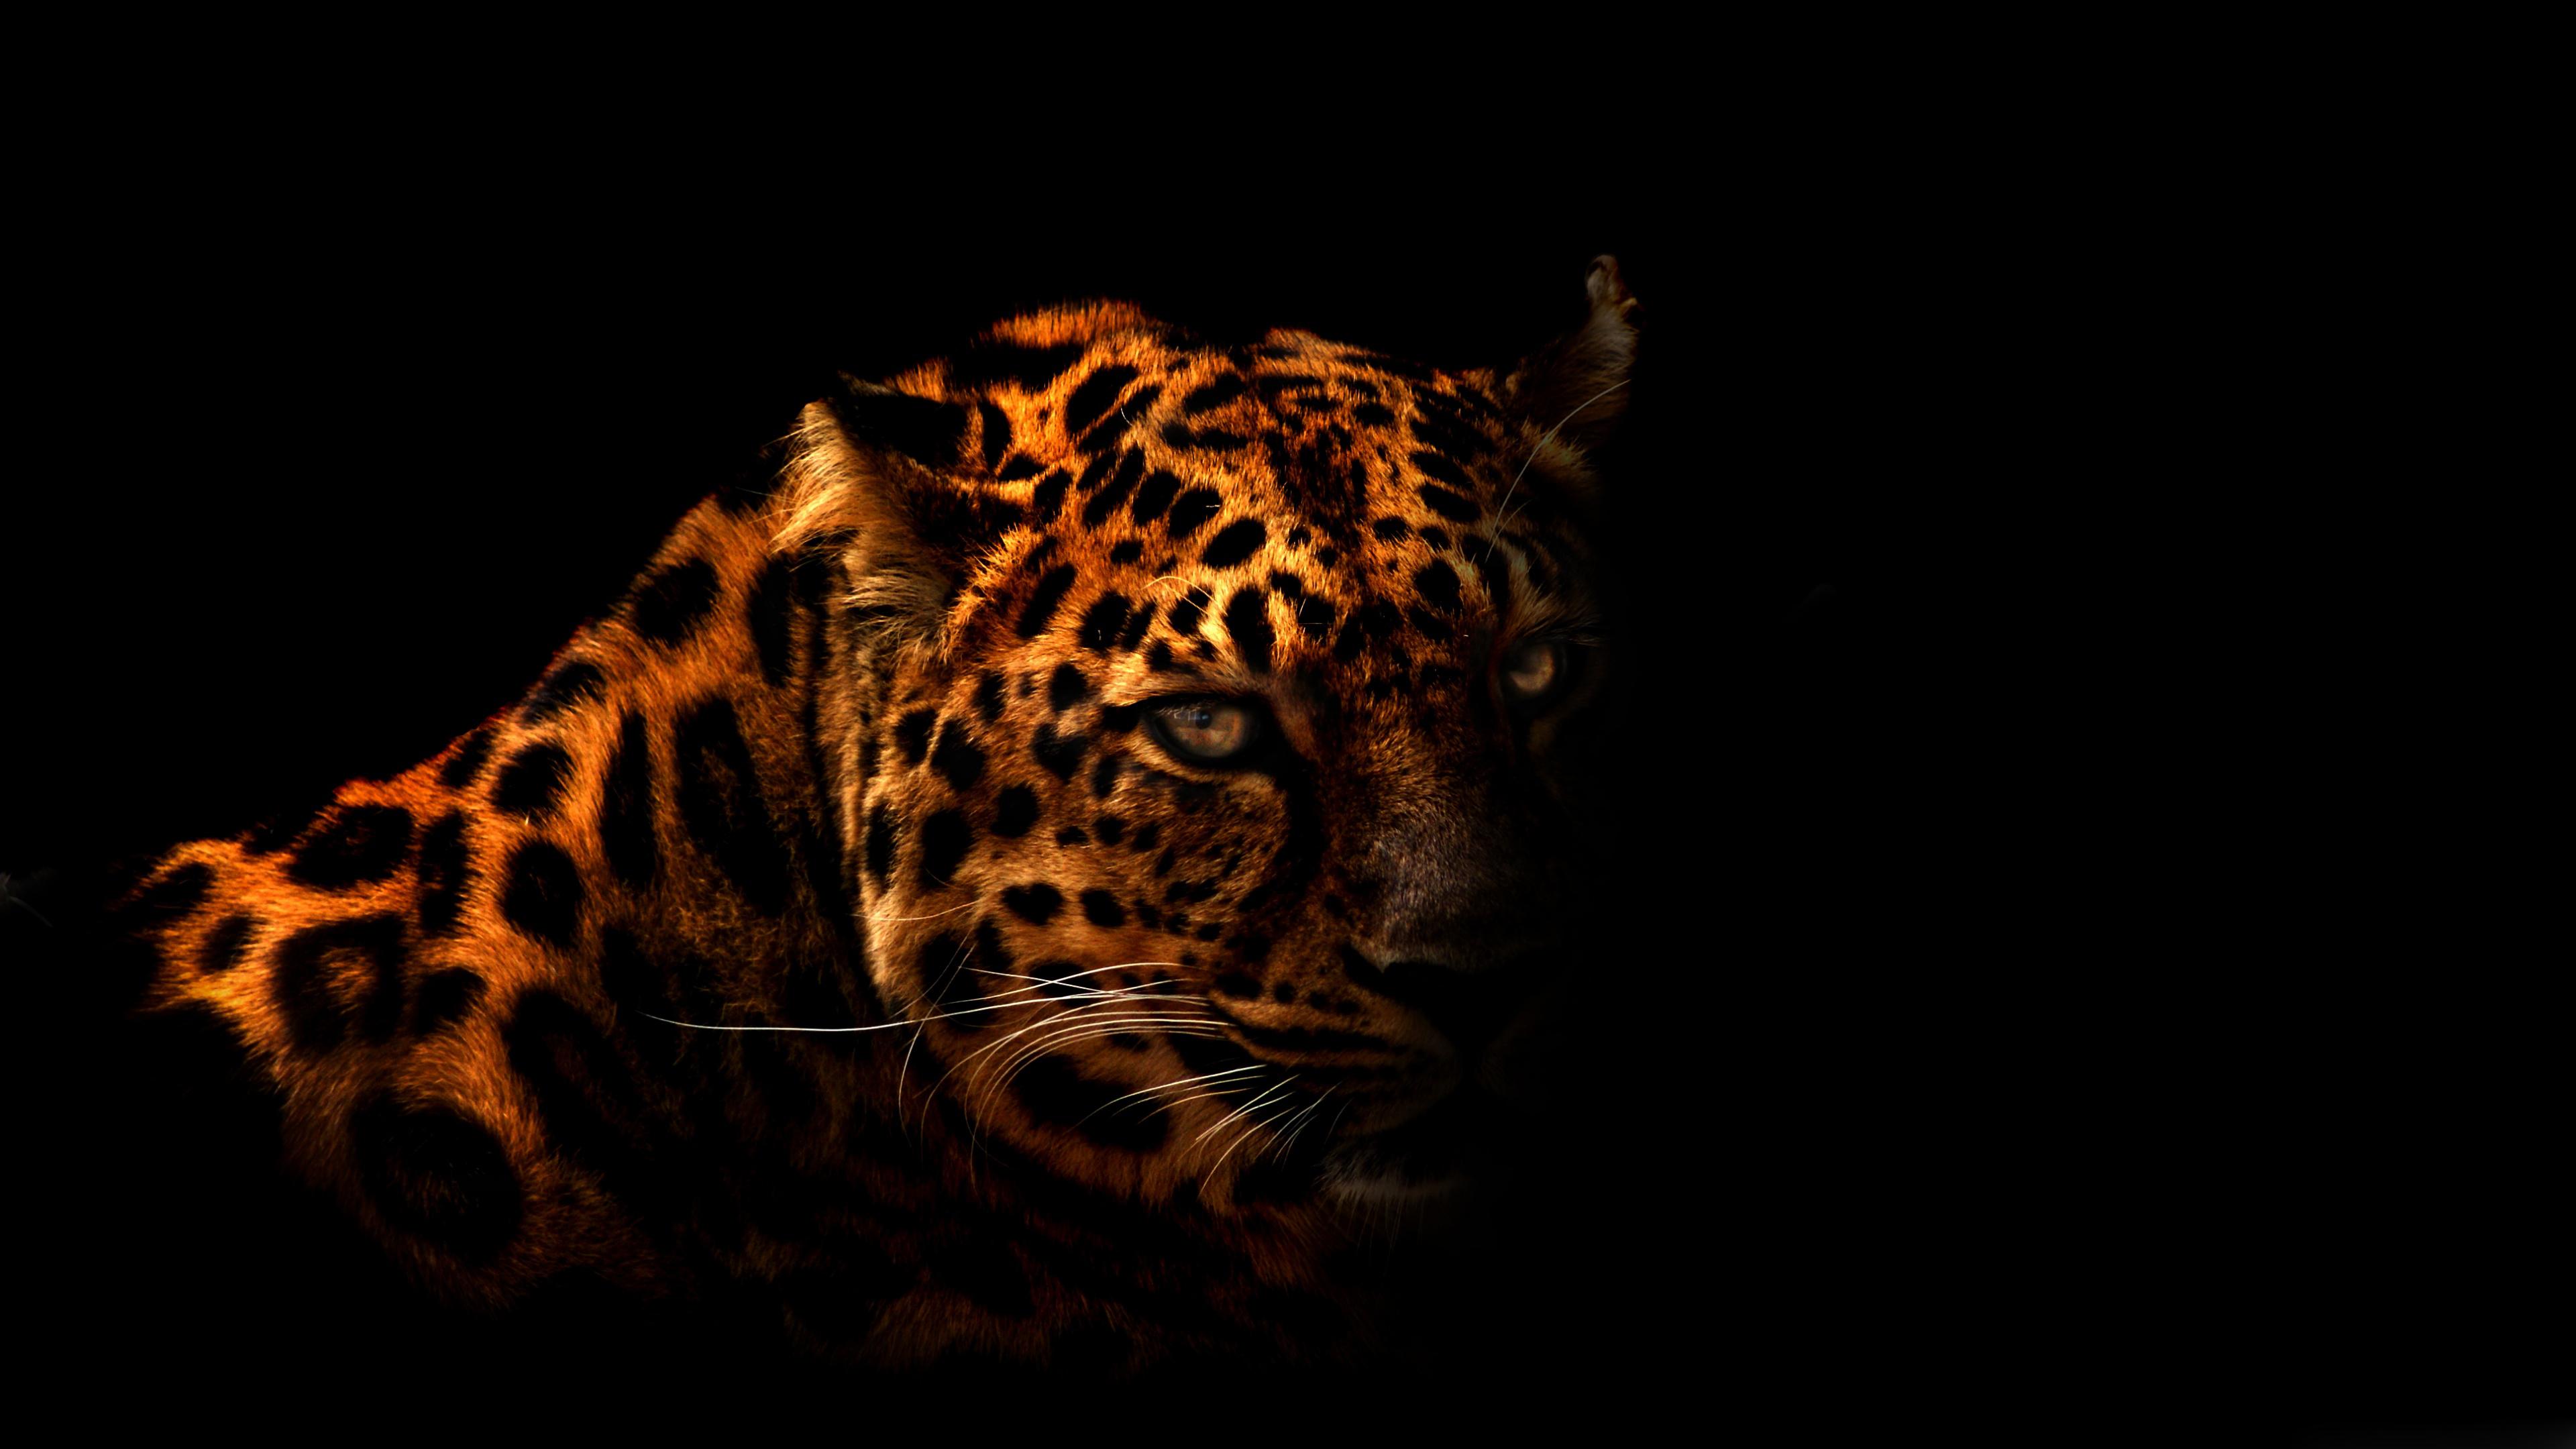 Leopard HD Wallpaper High Resolution 3840x2160